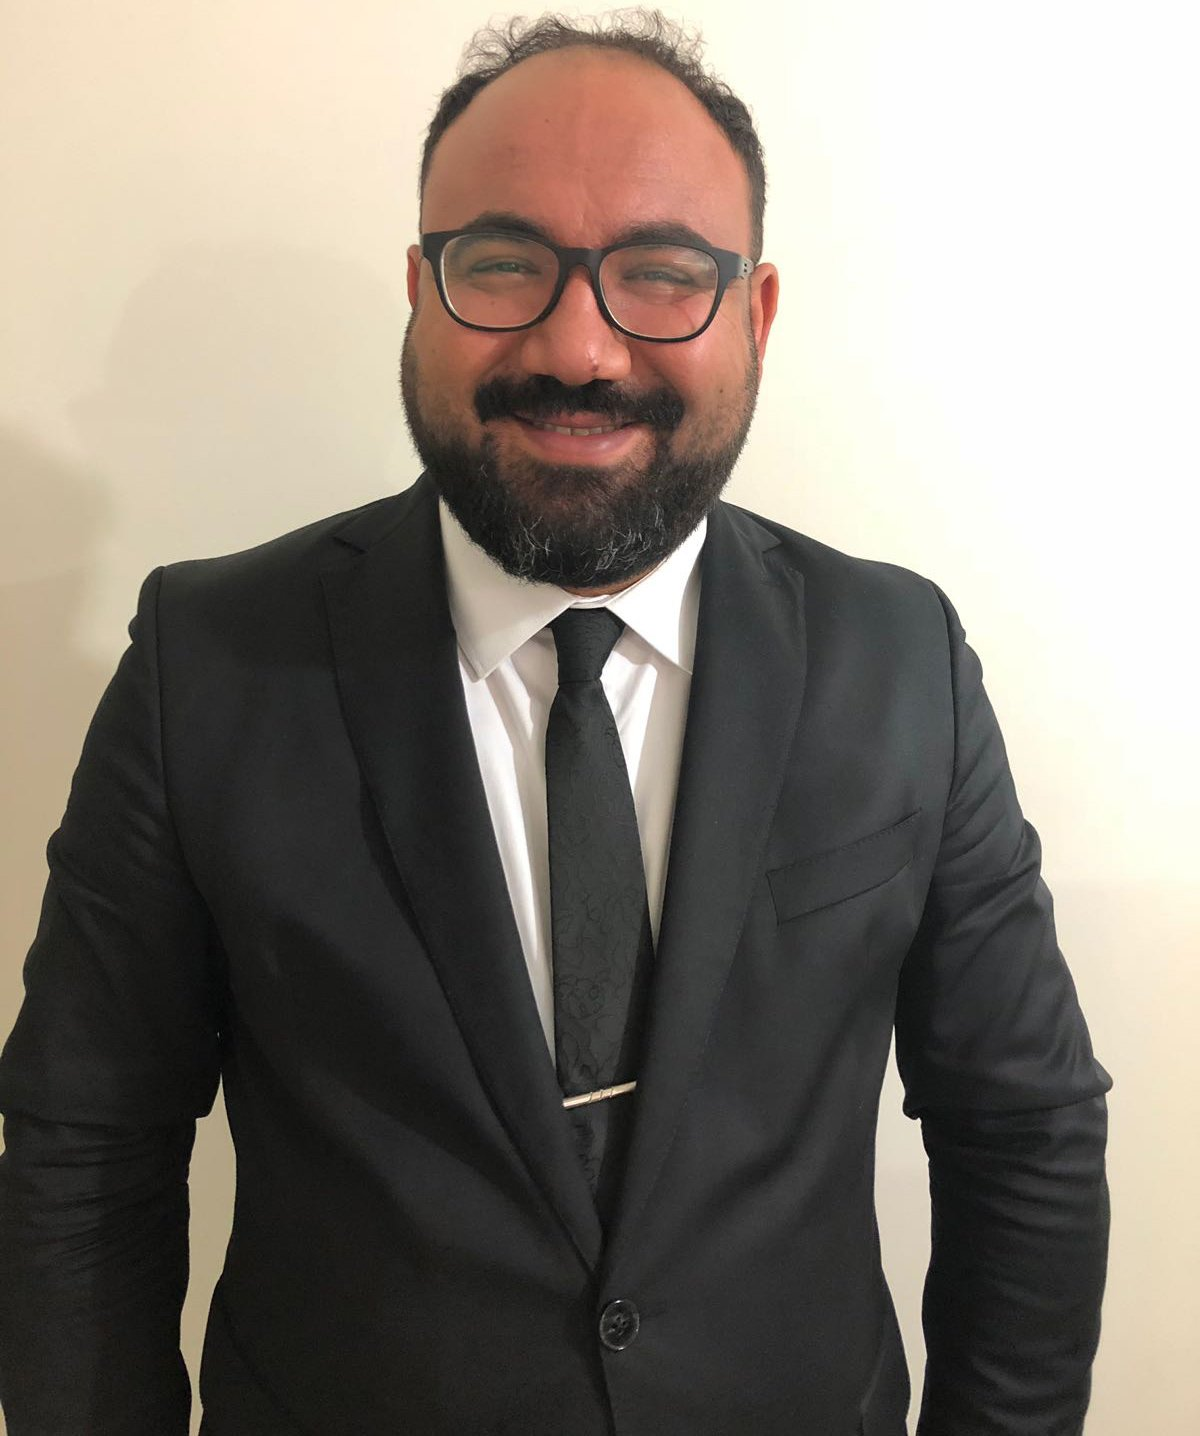 Avukat Murat Emergen Sözcü'nün sorularını yanıtladı.